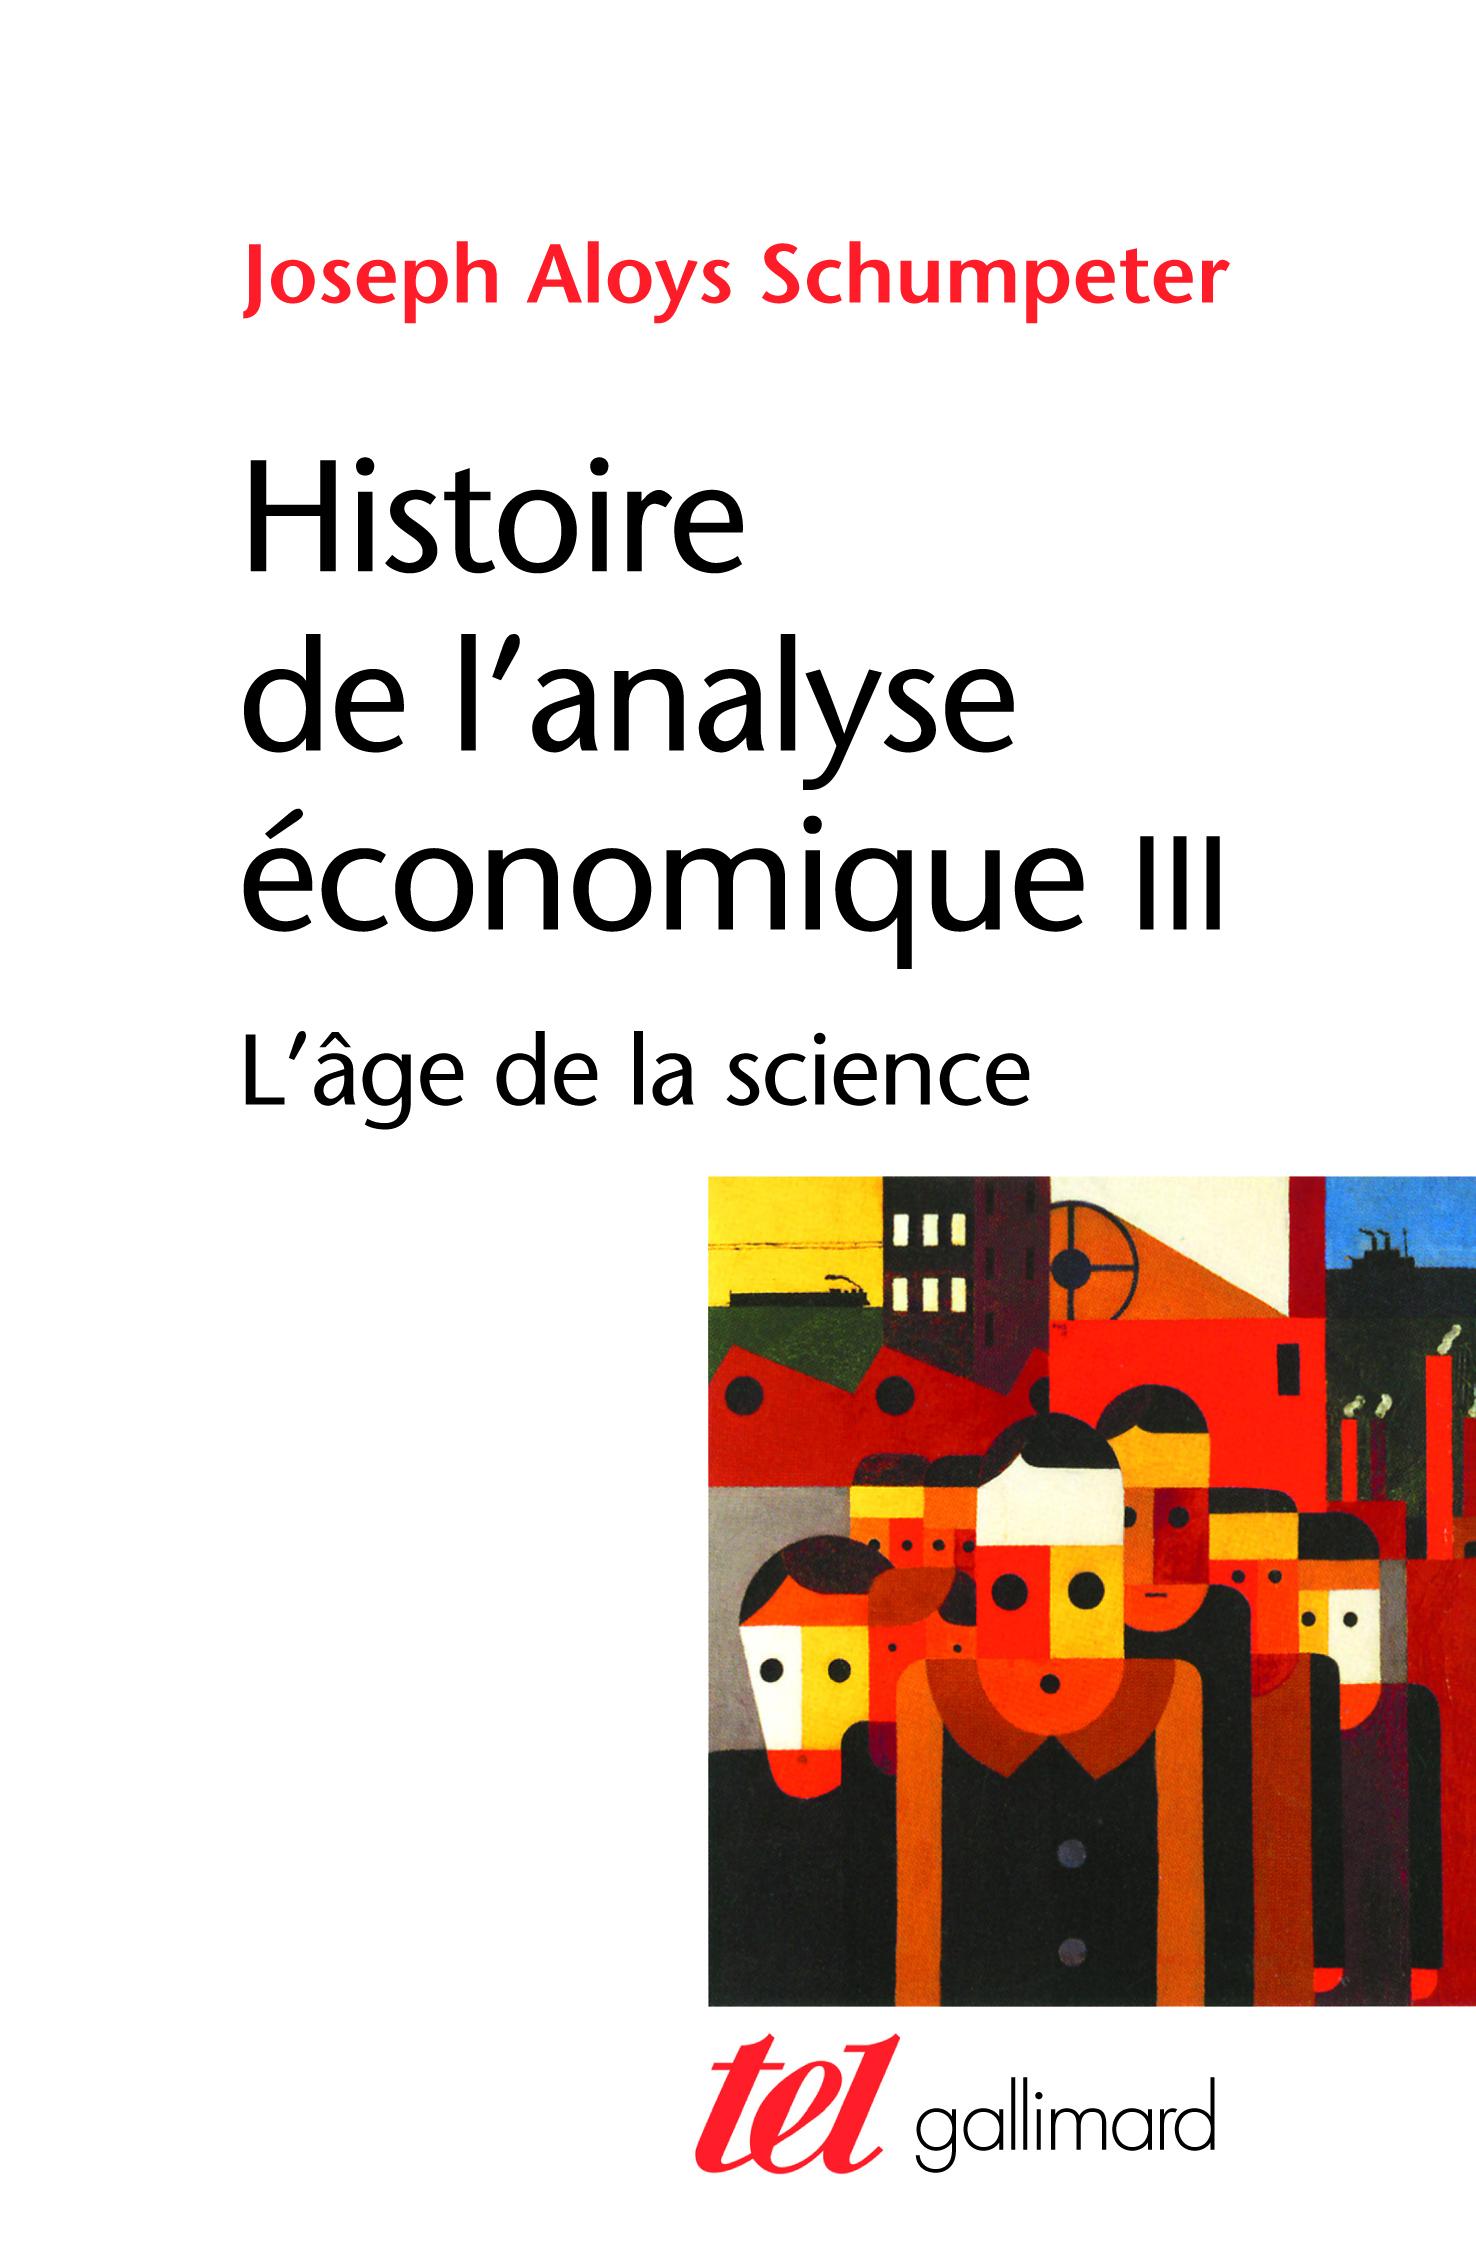 HISTOIRE DE L'ANALYSE ECONOMIQUE - L'AGE DE LA SCIENCE (DE 1870 A J. M. KEYNES)